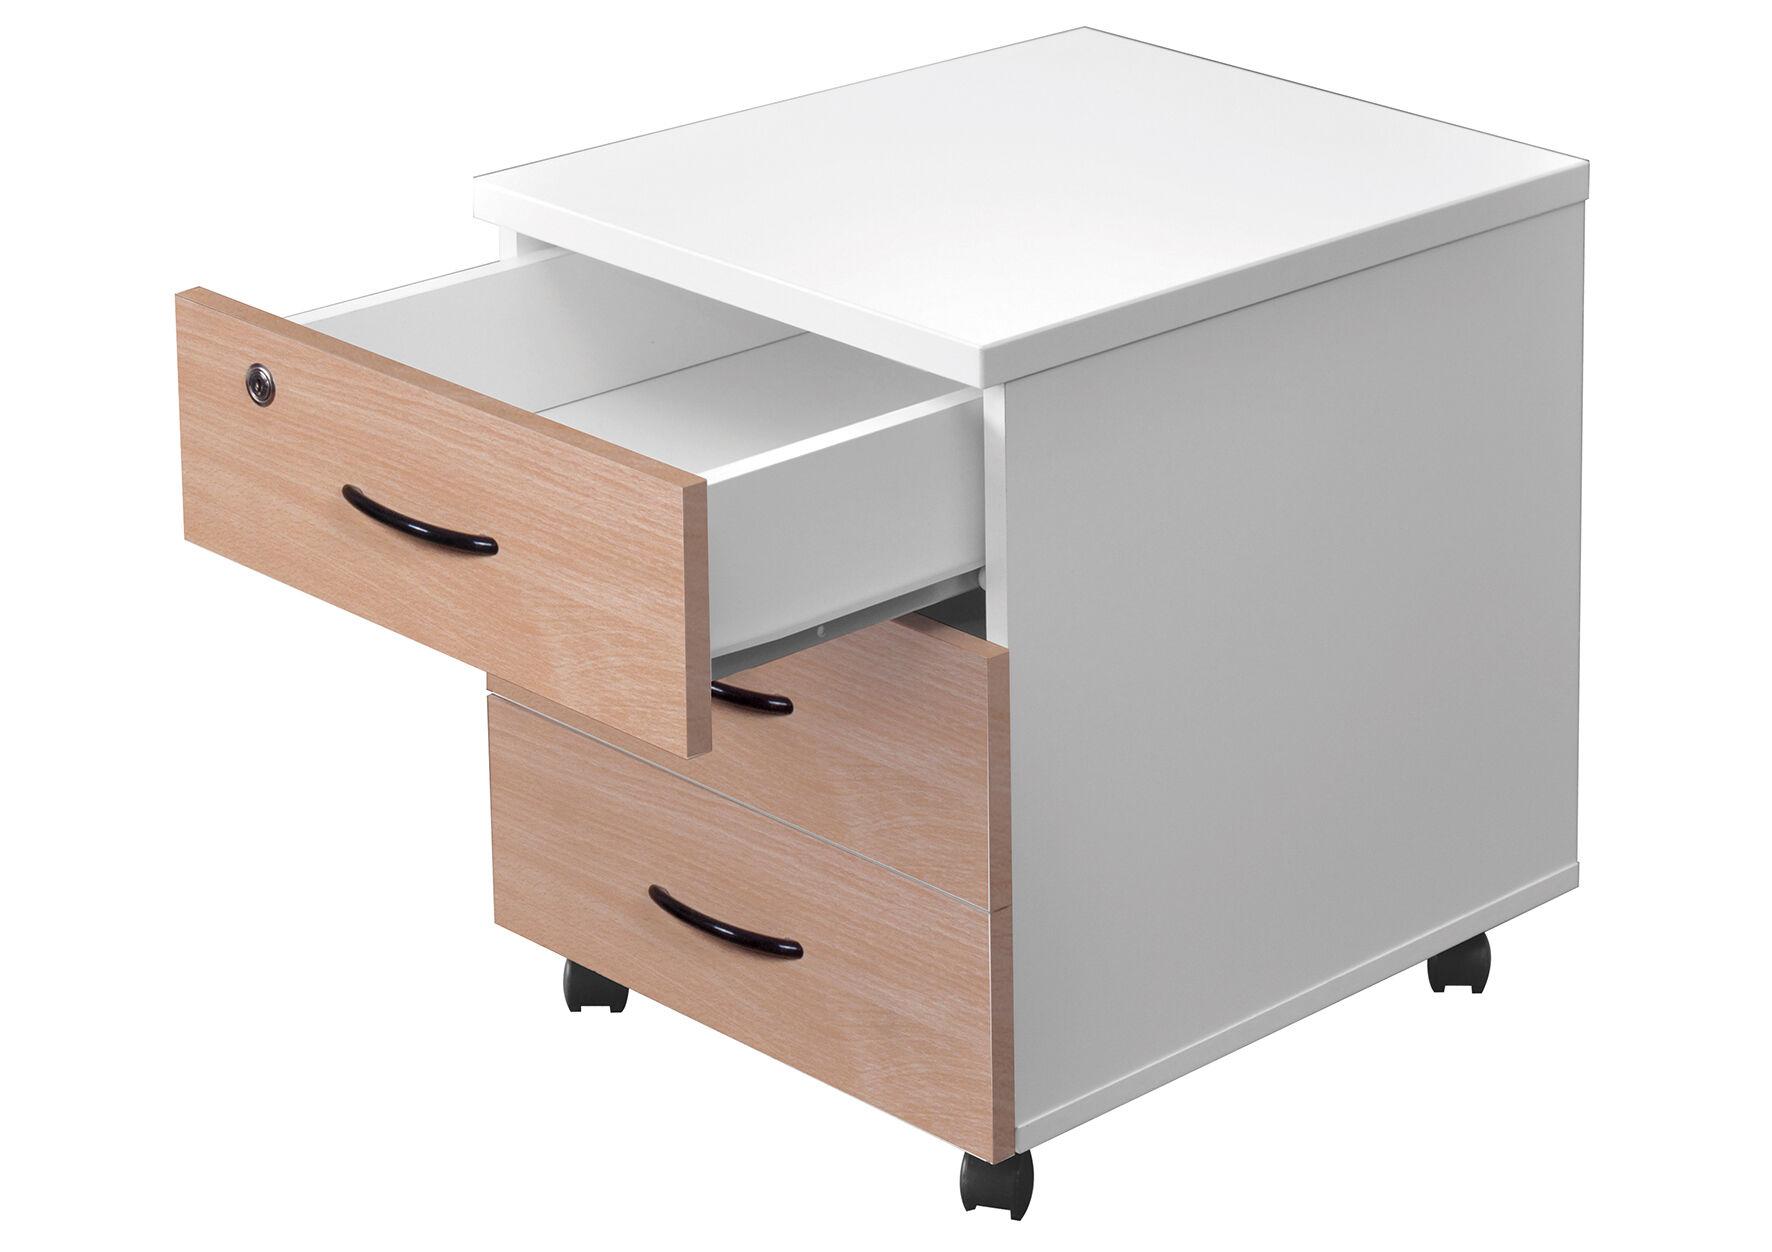 Caisson mobile MT1 elegance - H54 x L42 x P50 cm - 3 tiroirs - hêtre